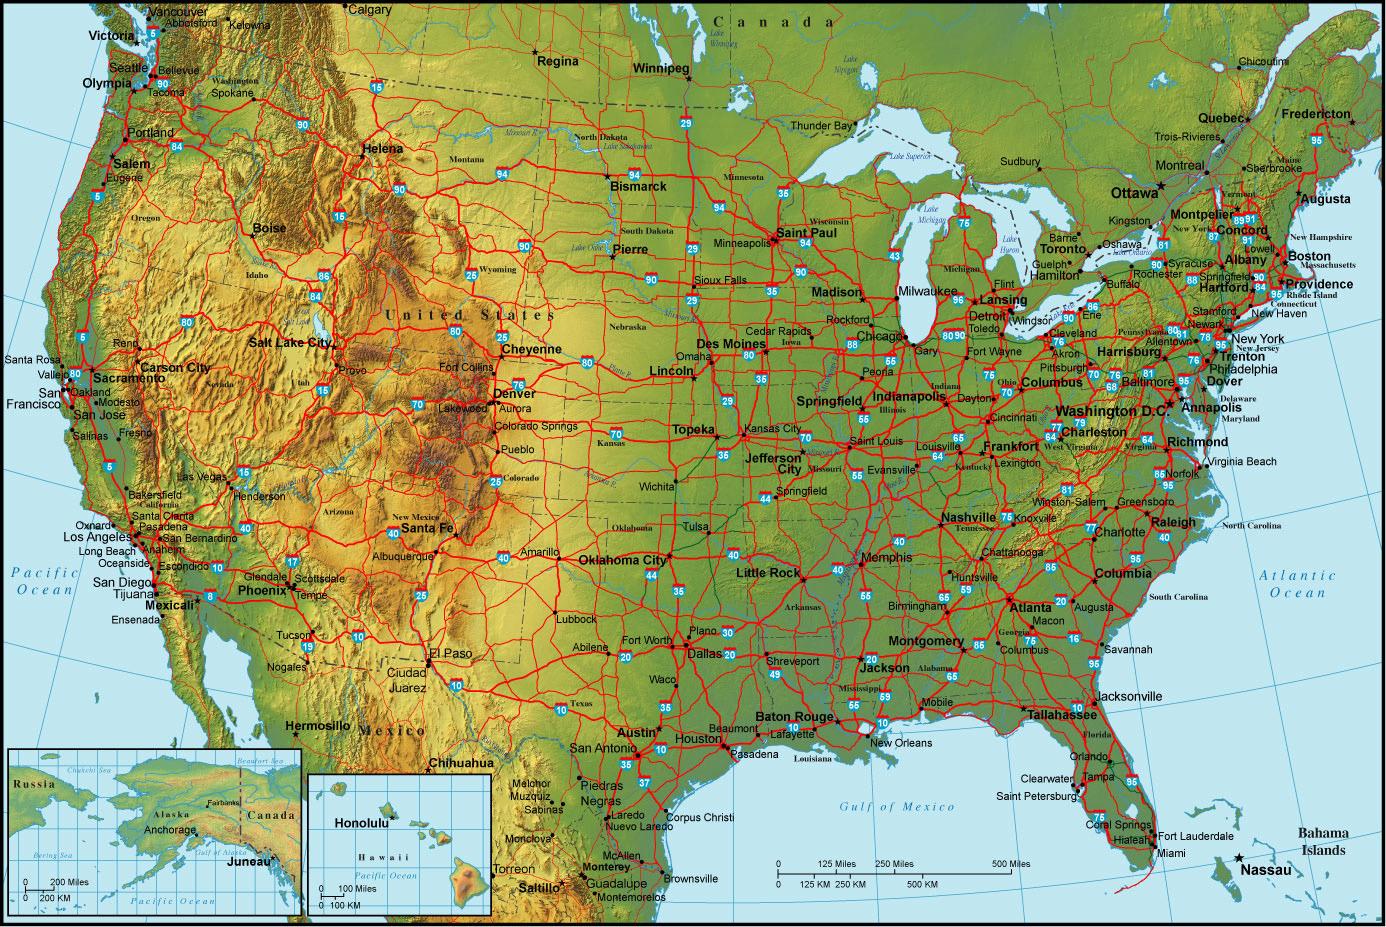 Соединённые штаты америки | города и страны вики | fandom